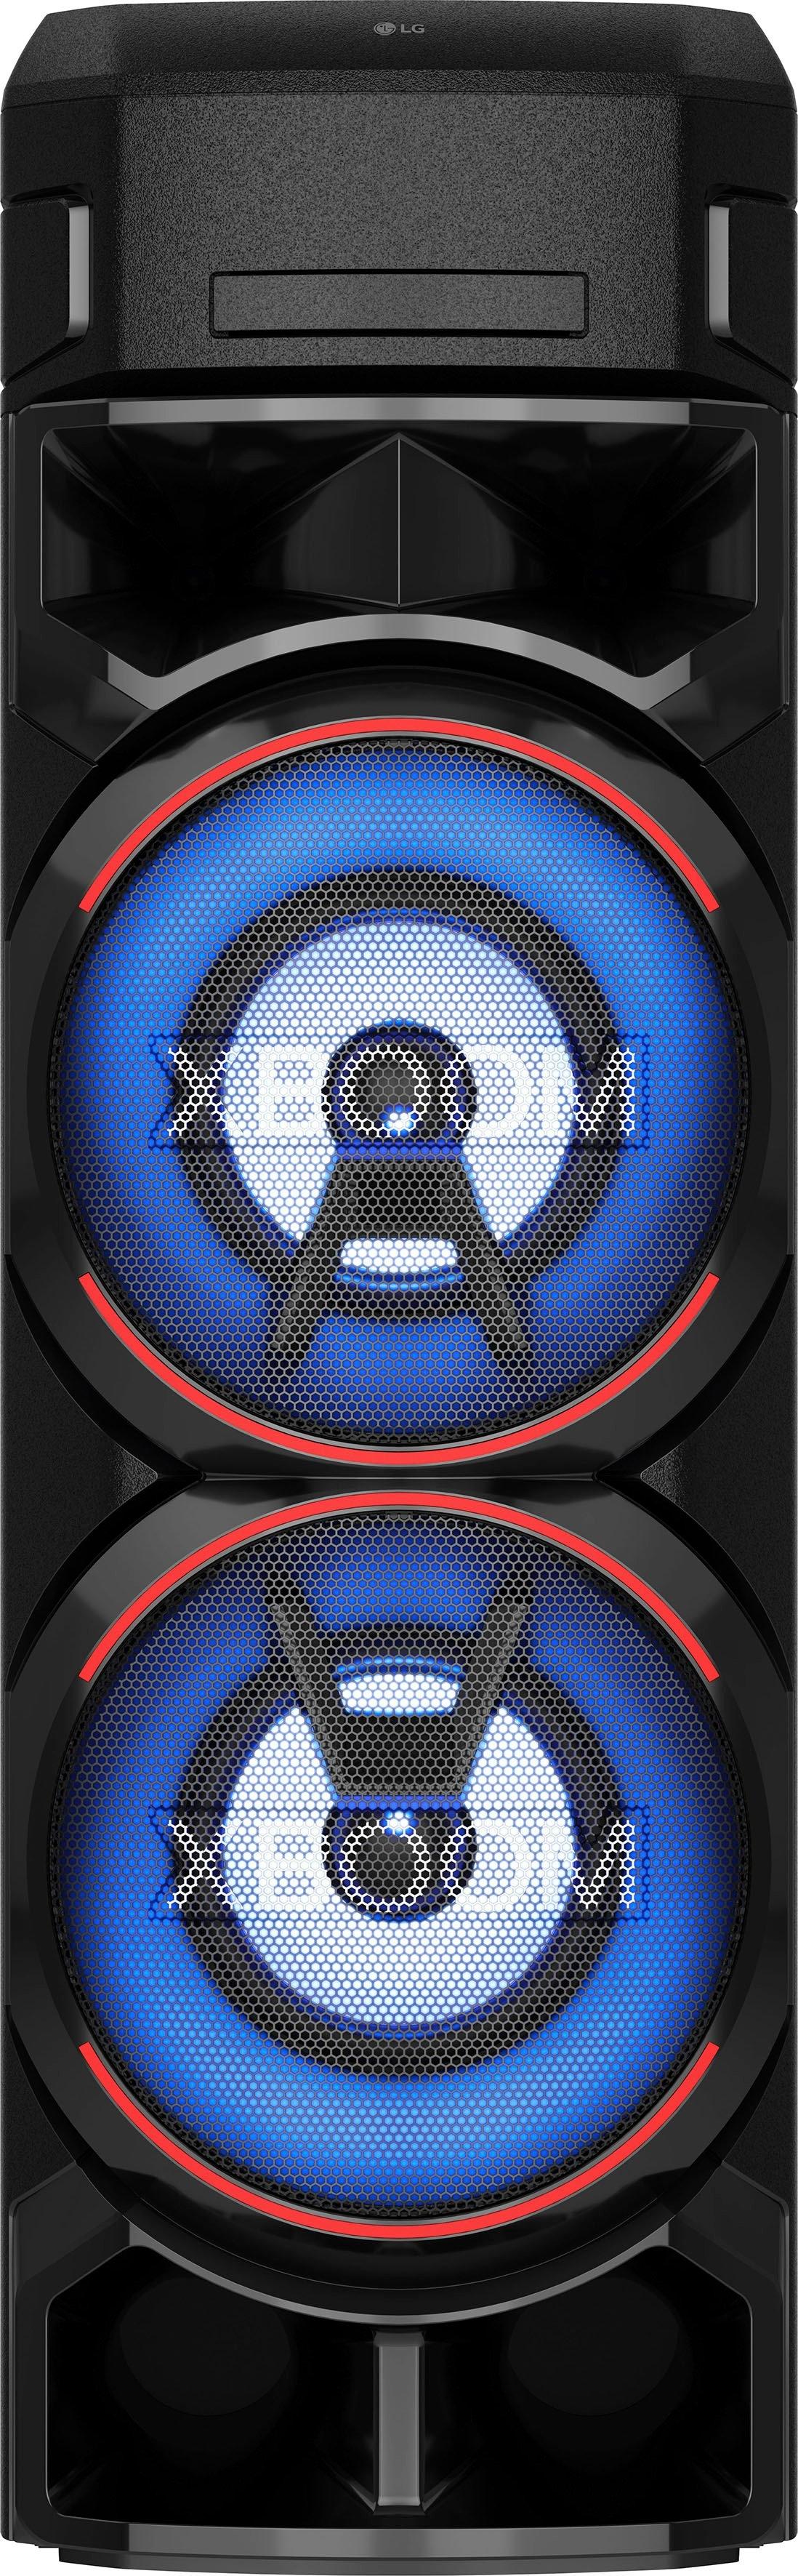 LG party-luidspreker XBOOM ON9 Onebody-geluidssysteem - gratis ruilen op otto.nl